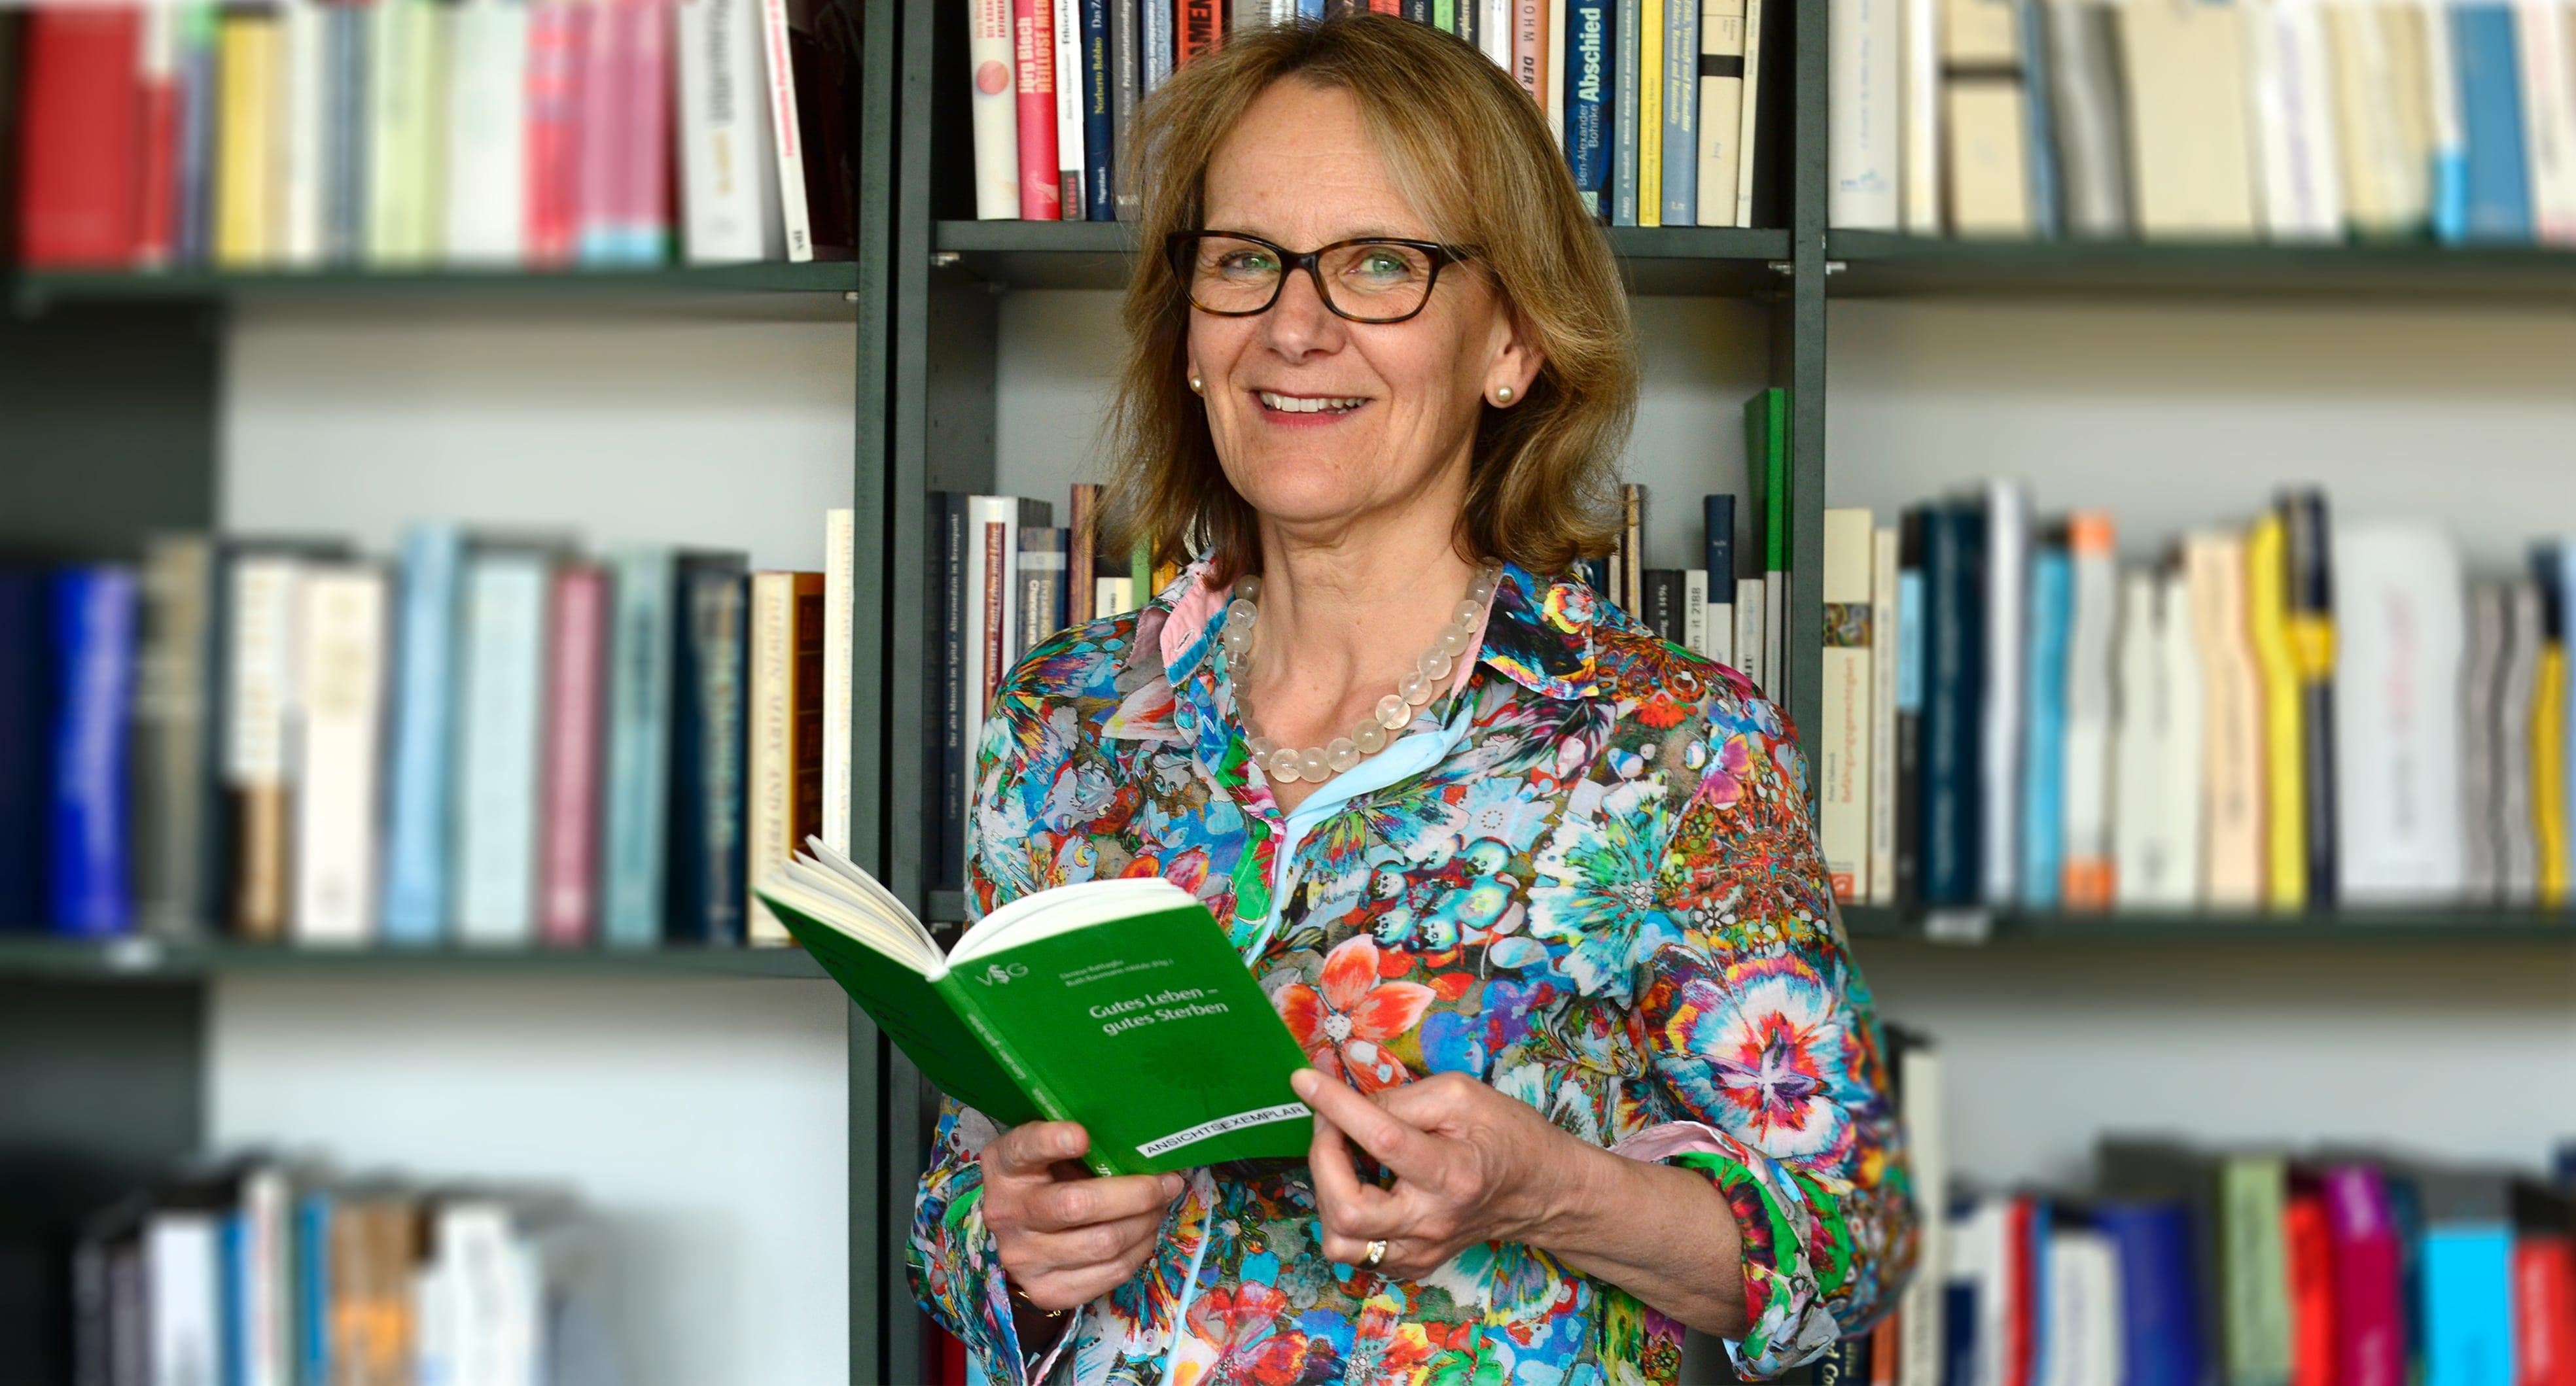 Dr. Ruth Baumann-Hölzle, Theologin und Leiterin des Instituts Dialog und Ethik.